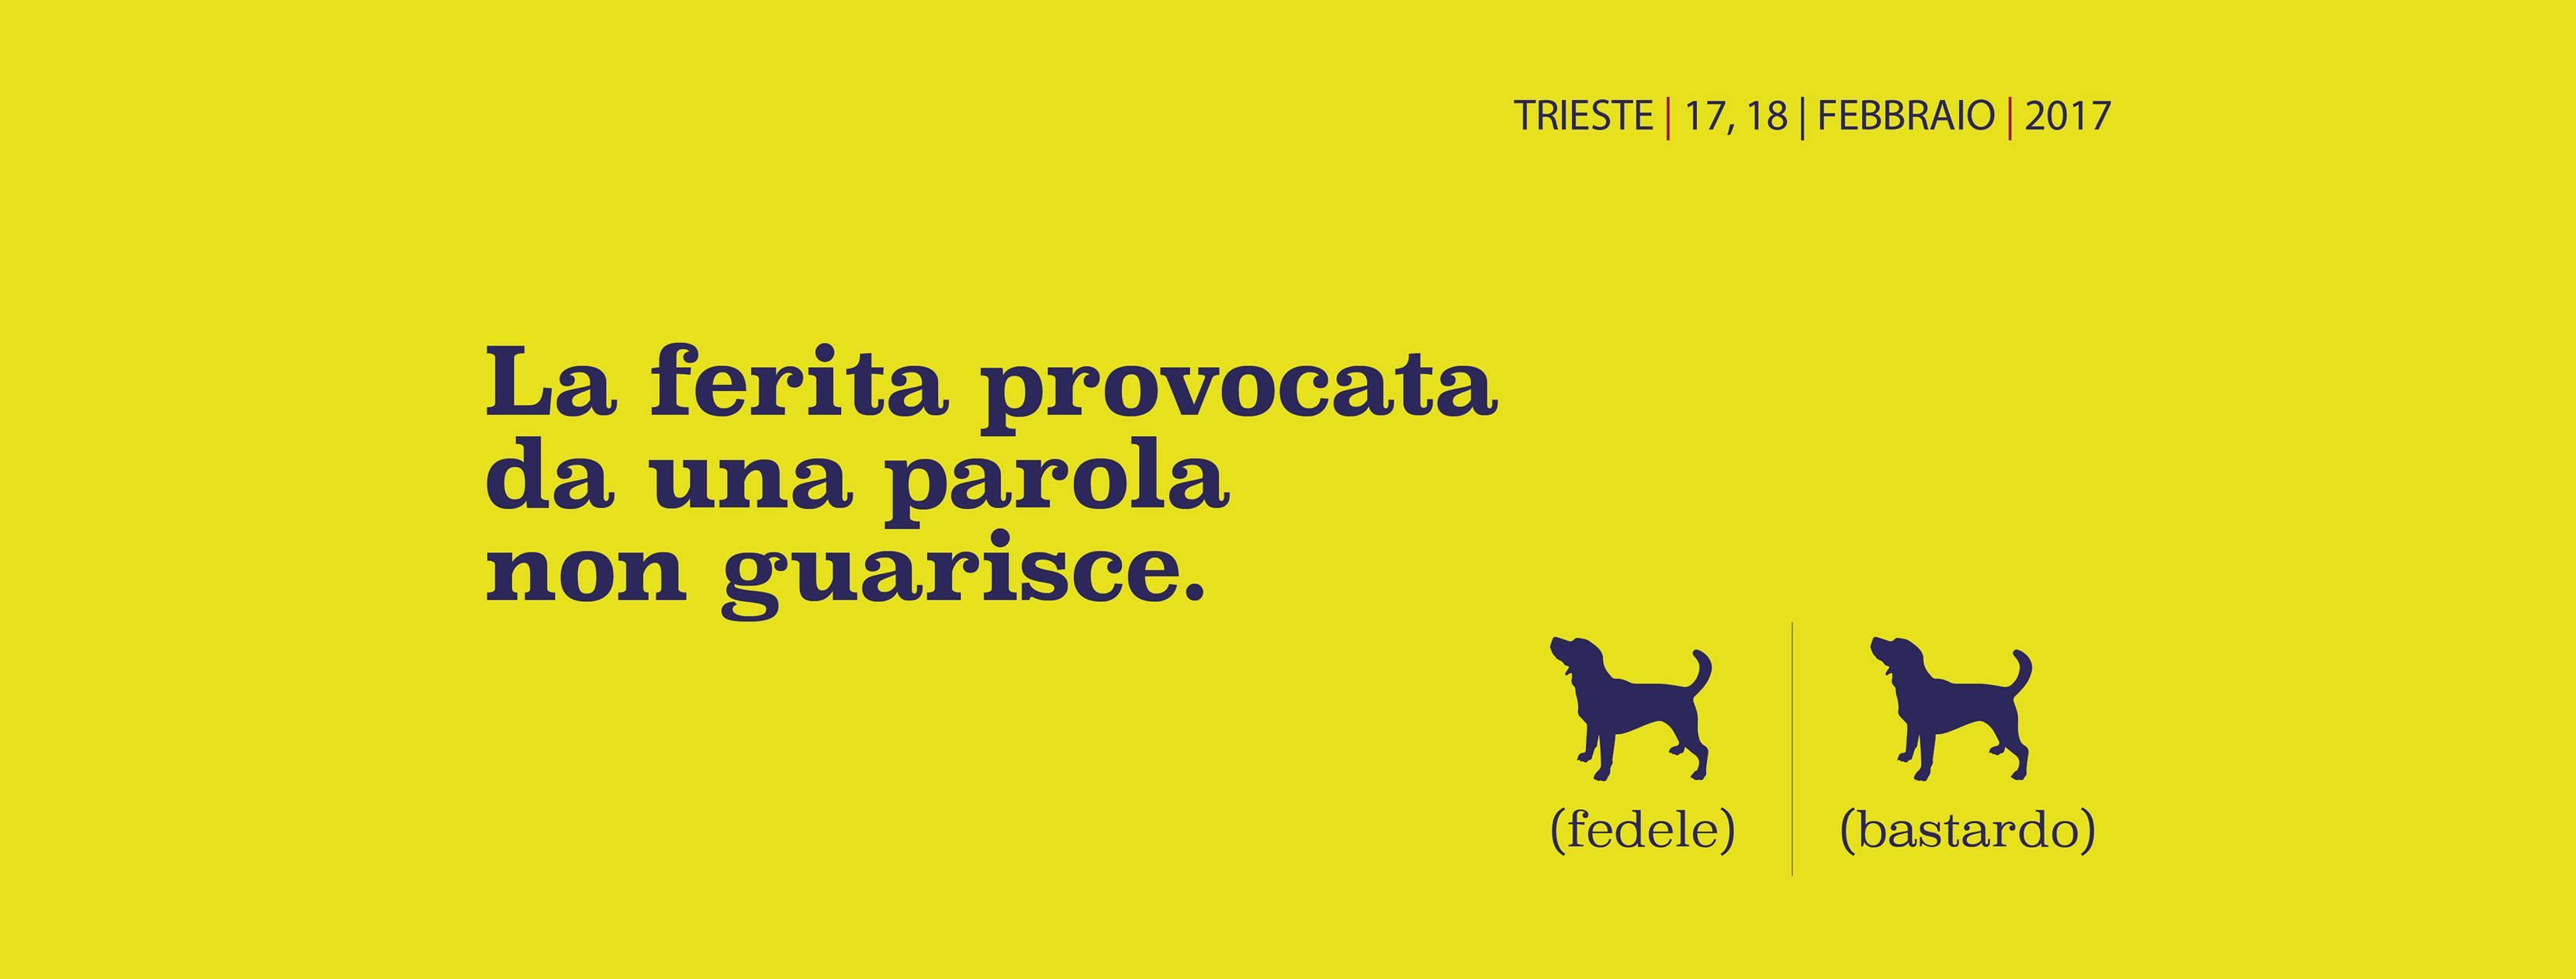 parole_ostili_innovazione_digitale_sociale